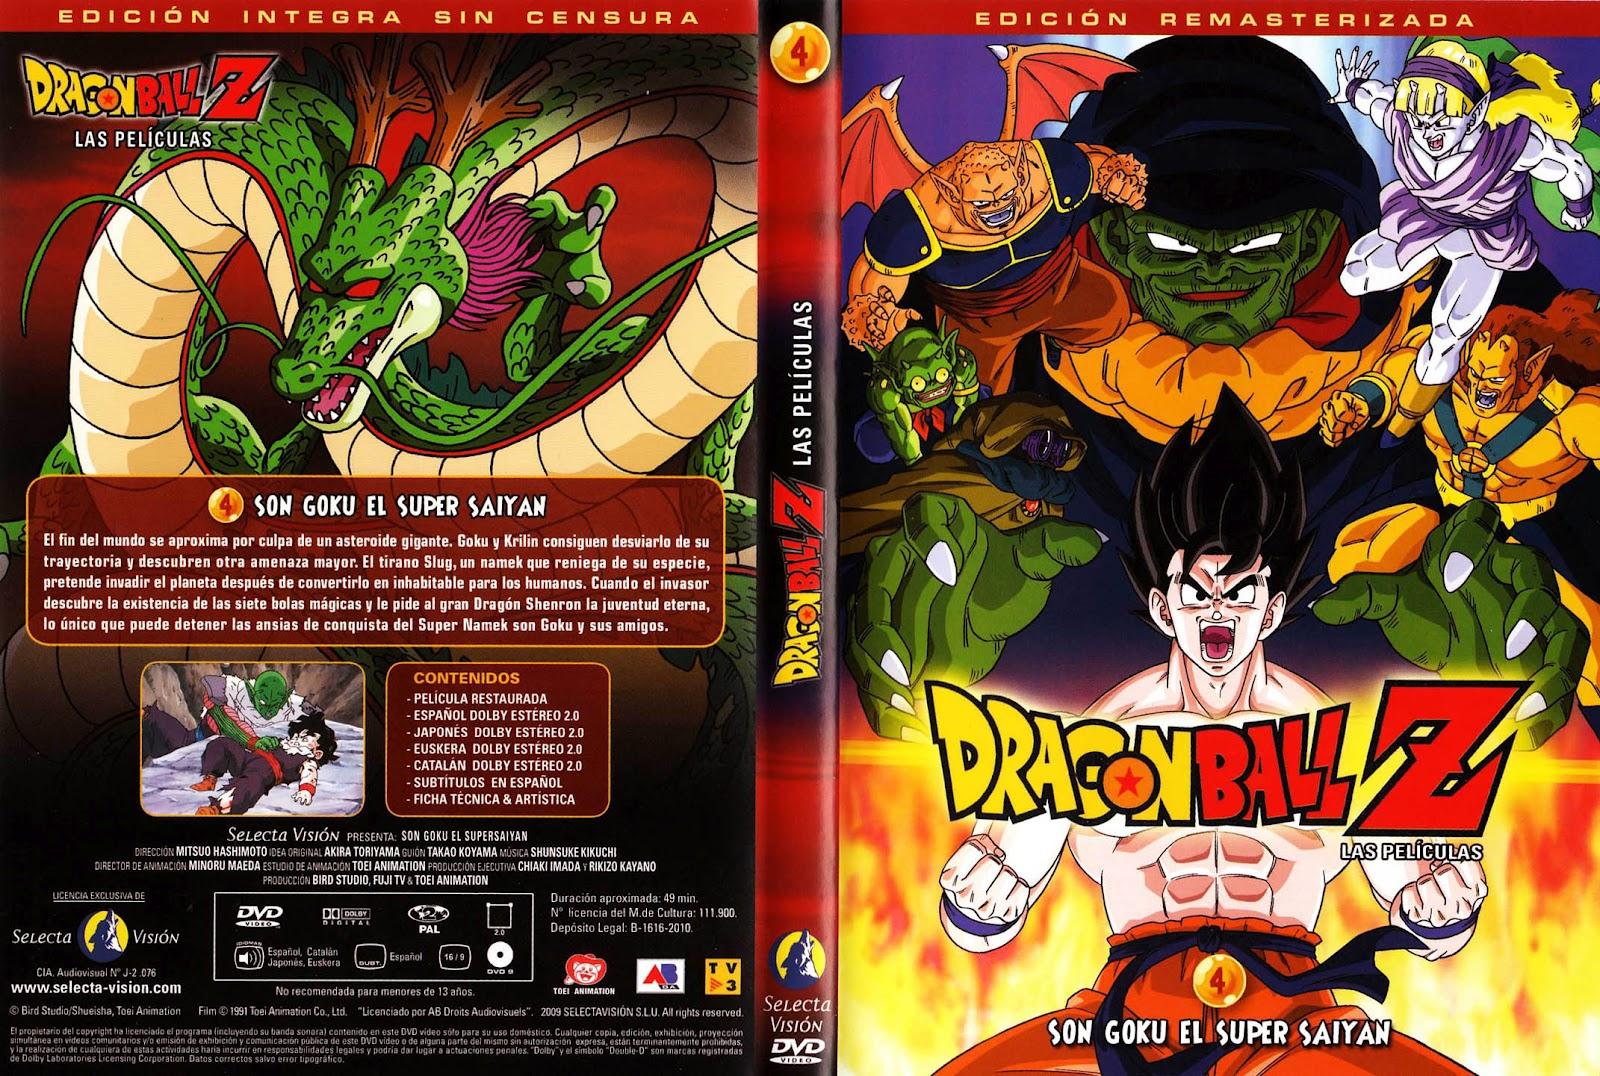 Dragon_Ball_Z_4_Son_Goku_El_Super_Saiyan-Caratula - [DD] Dragon Ball Z Película 4 Goku Es Un Super Saiyajin - Anime Ligero [Descargas]